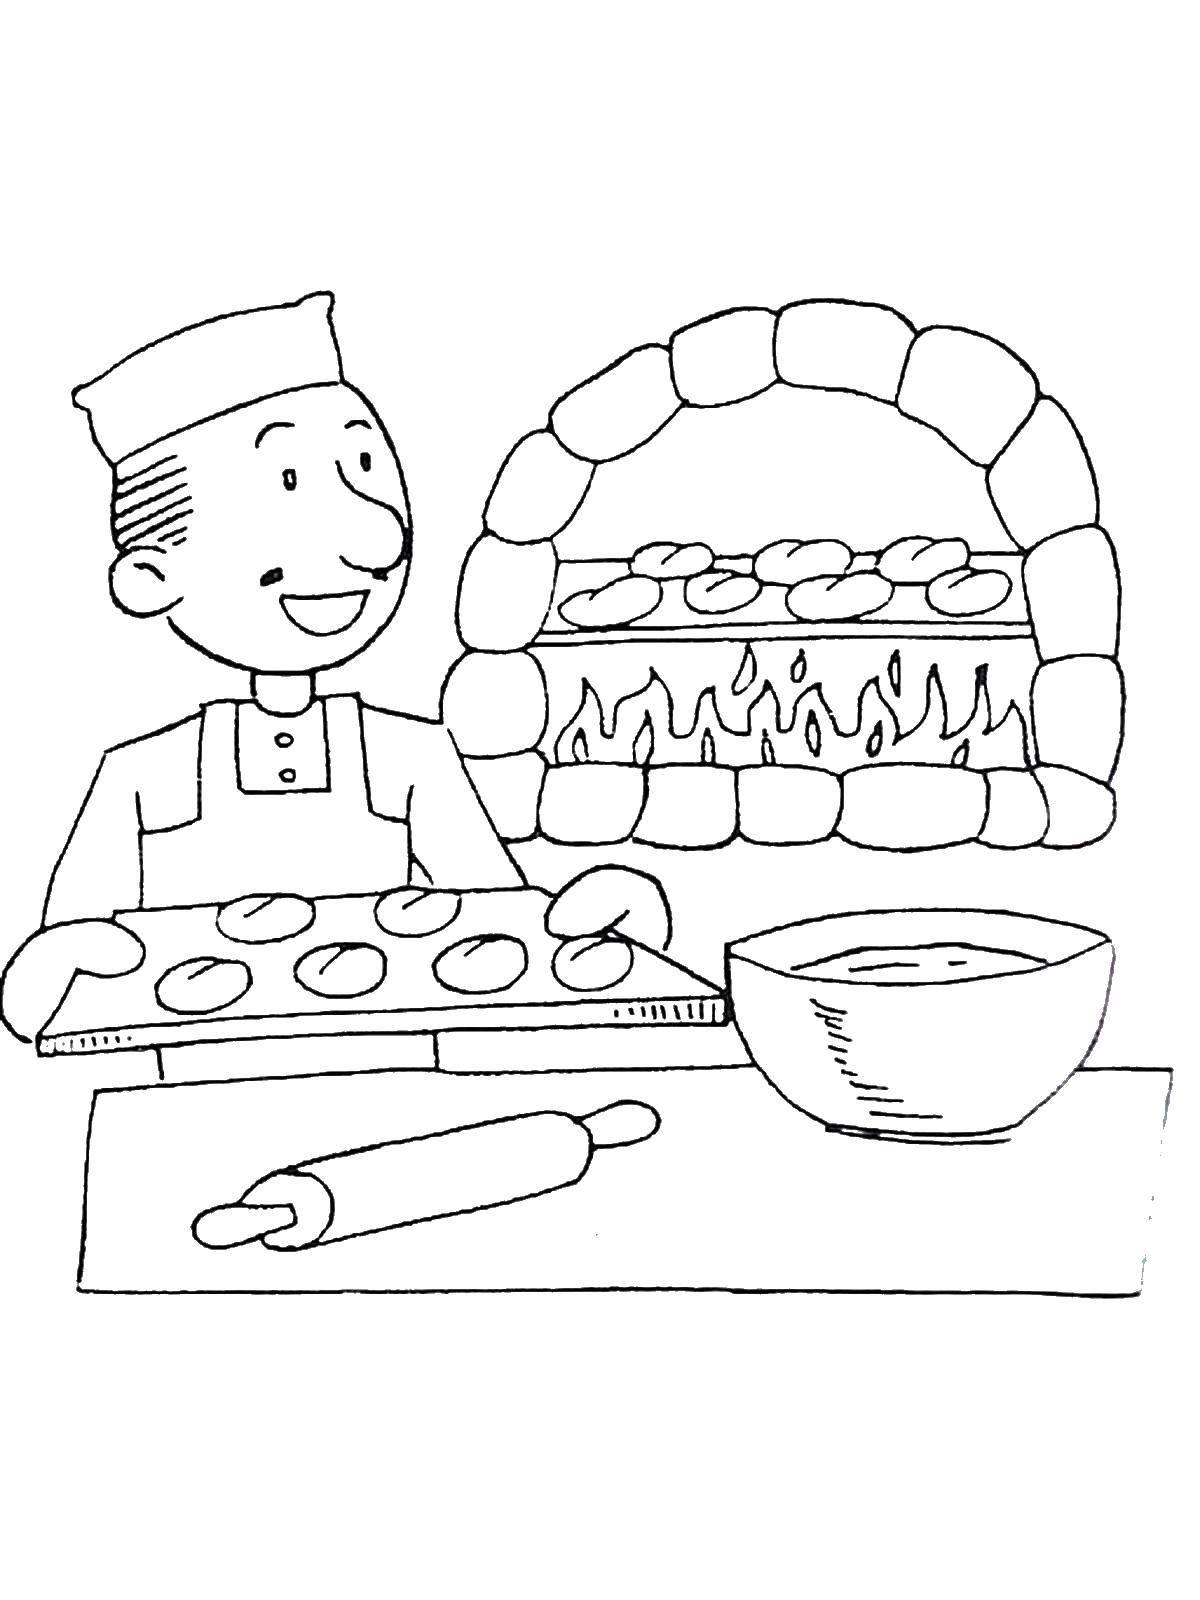 Раскраски Повар Раскраски Повар, раскраски пекарь, раскраски про тех кто готовит еду для детей